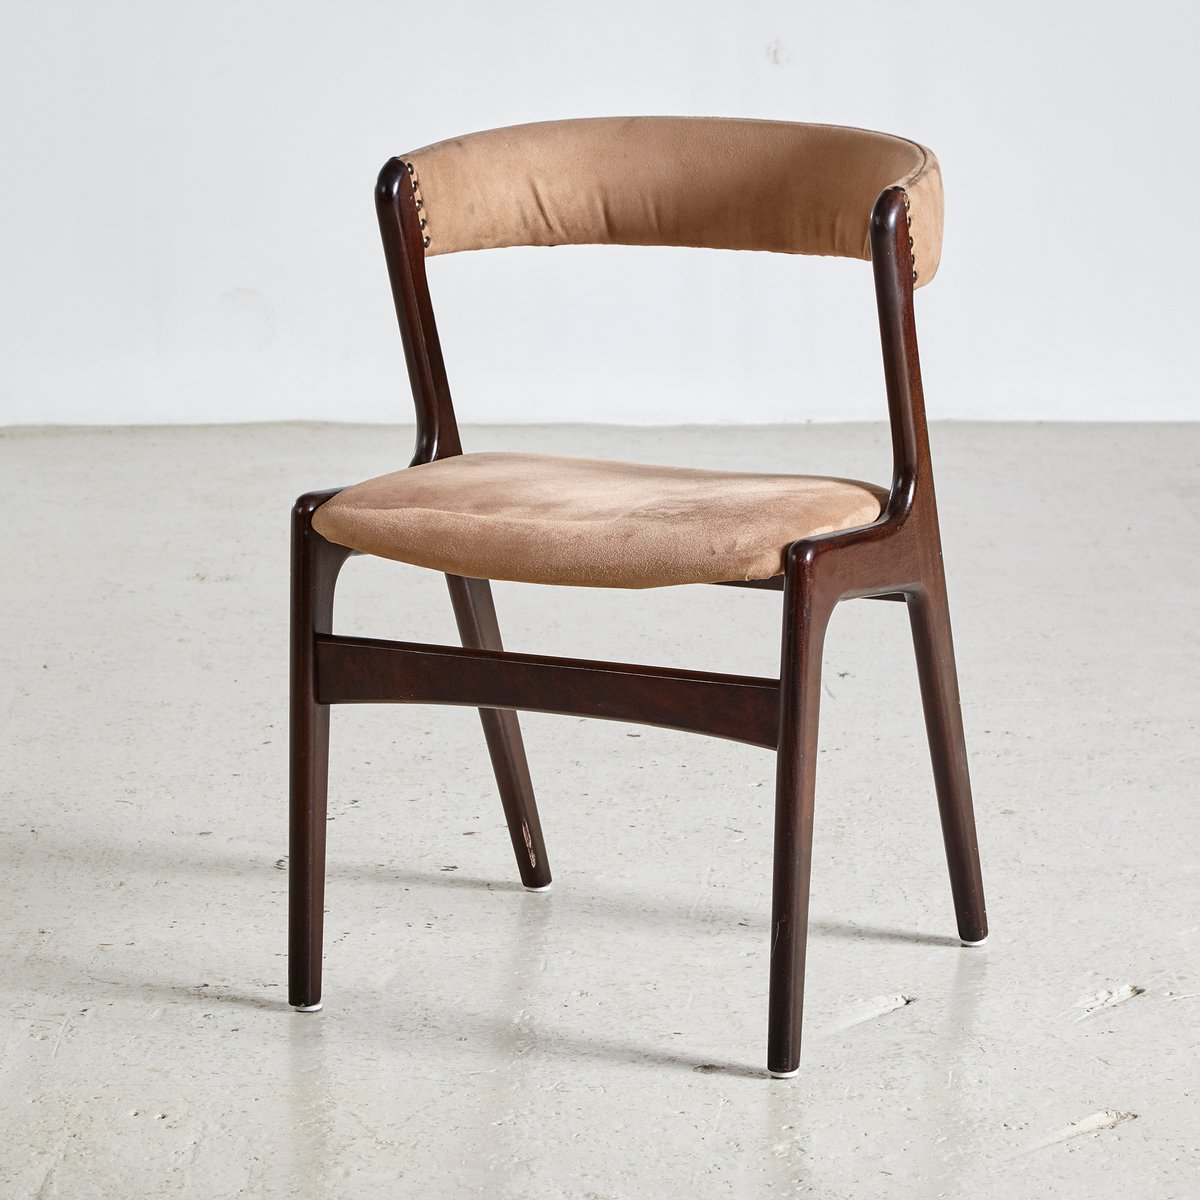 Dänischer Sessel von Kai Kristiansen für Schou Andersen, 1950er